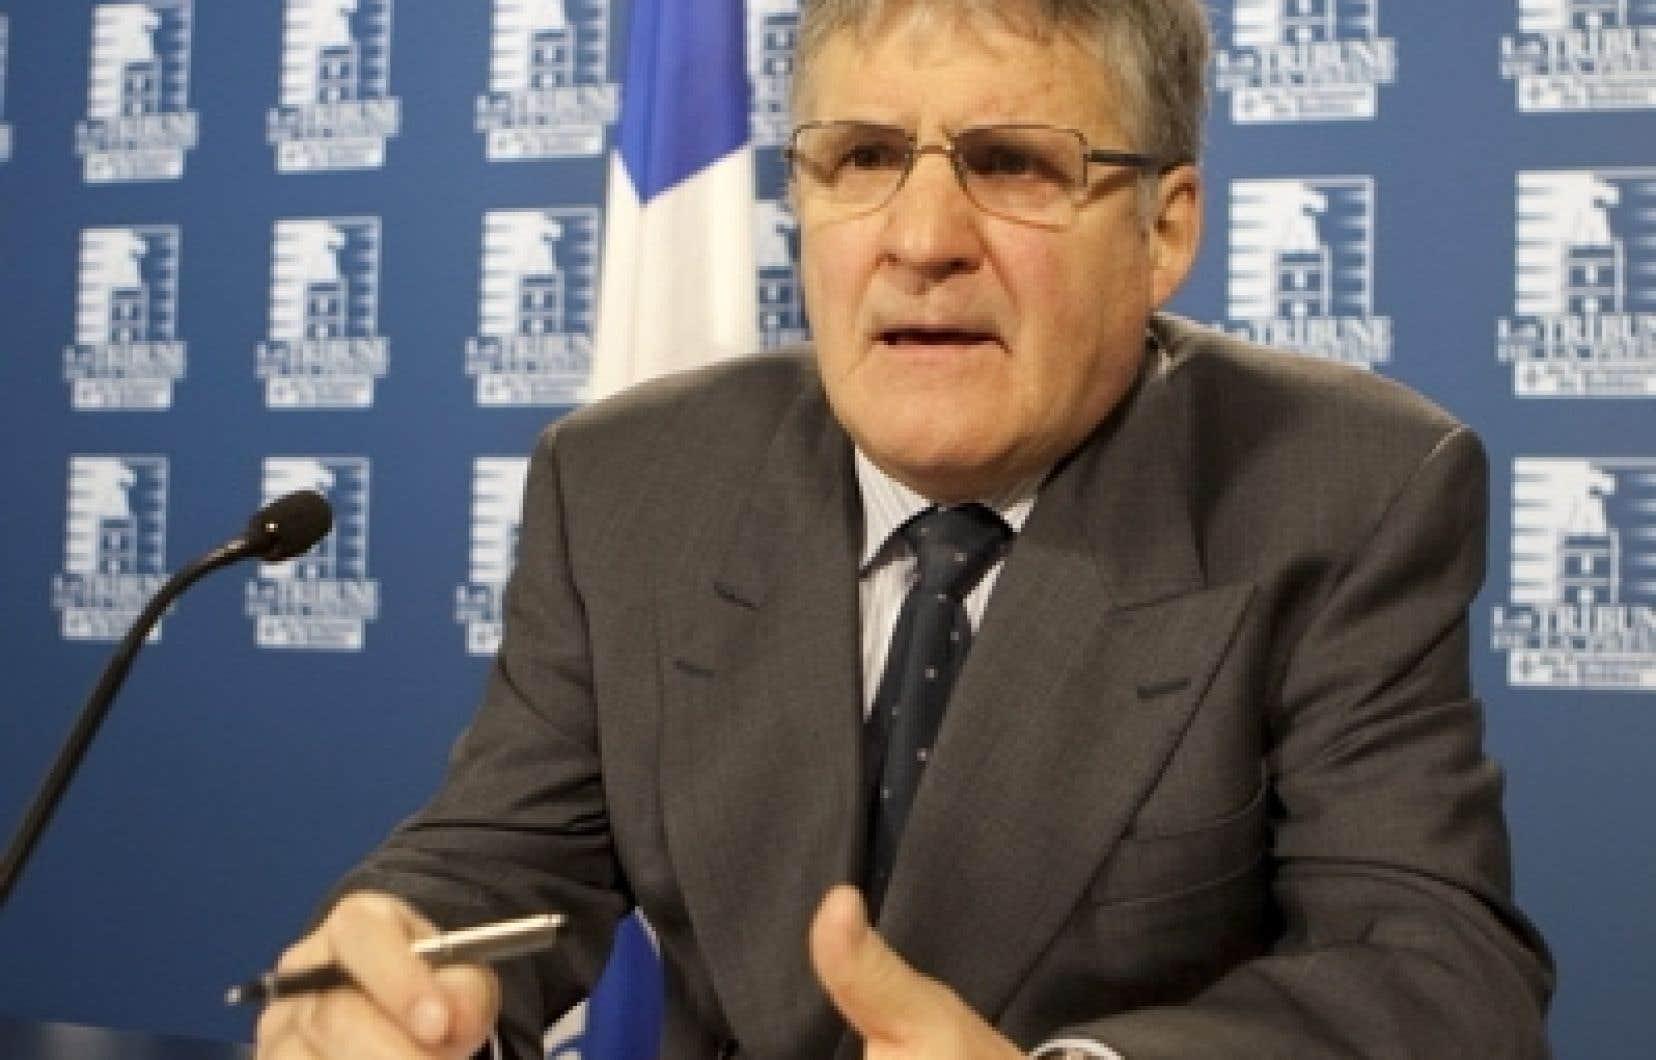 À l'initiative de l'ancien ministre Paul Bégin (notre photo), 51 députés et ex-députés, tous péquistes, ont exprimé des regrets ou des excuses pour avoir condamné le citoyen Yves Michaud, le 14 décembre 2000.